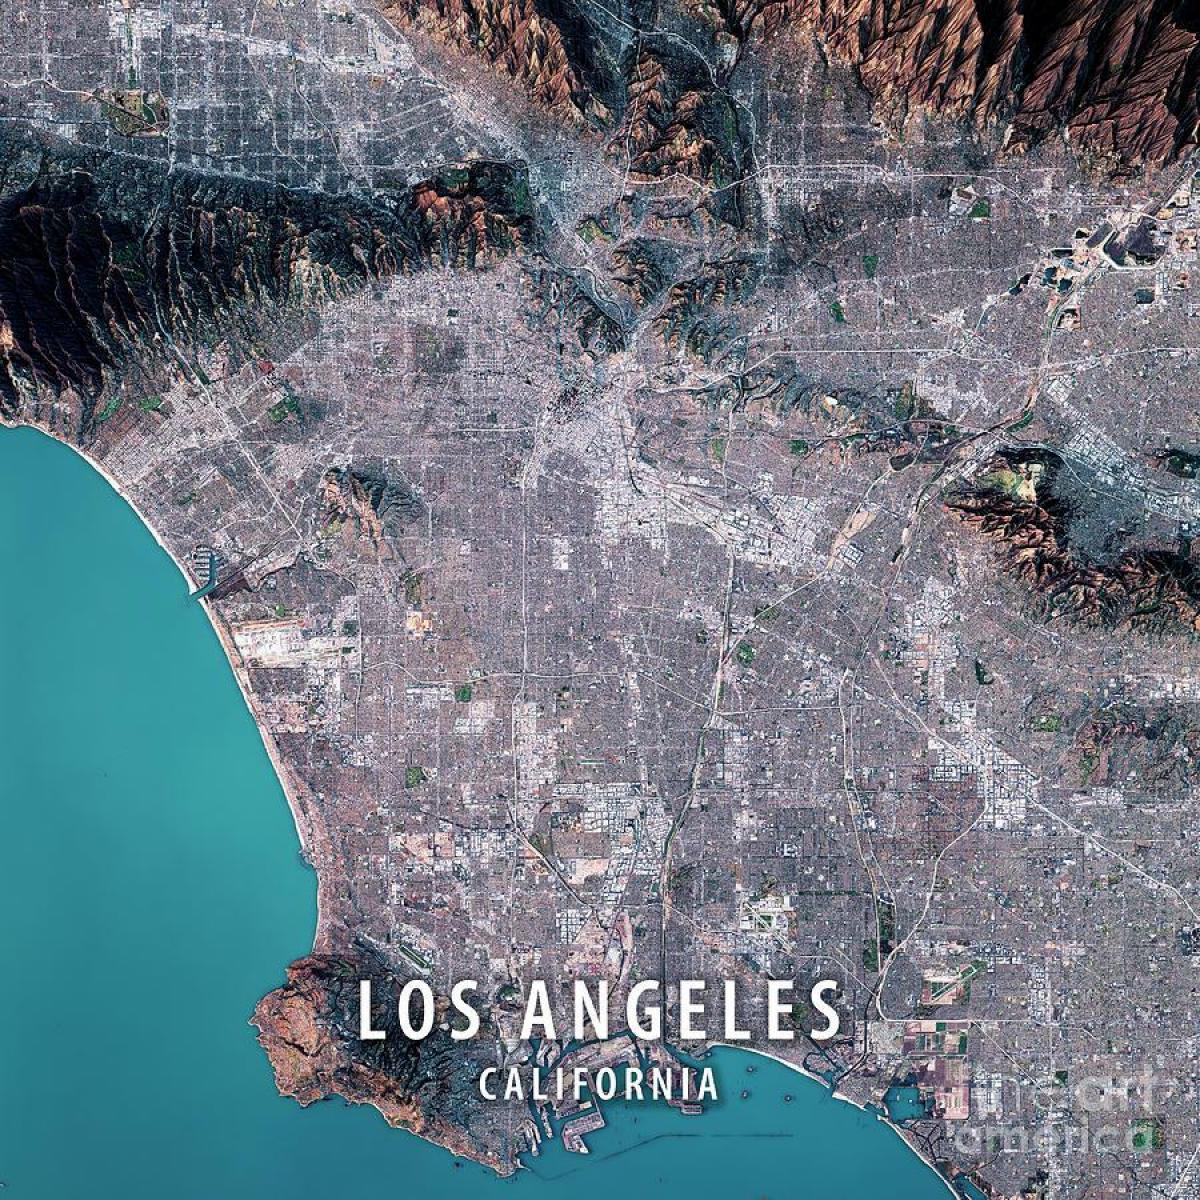 Los Angeles Harta Prin Satelit Harta Los Angeles Prin Satelit